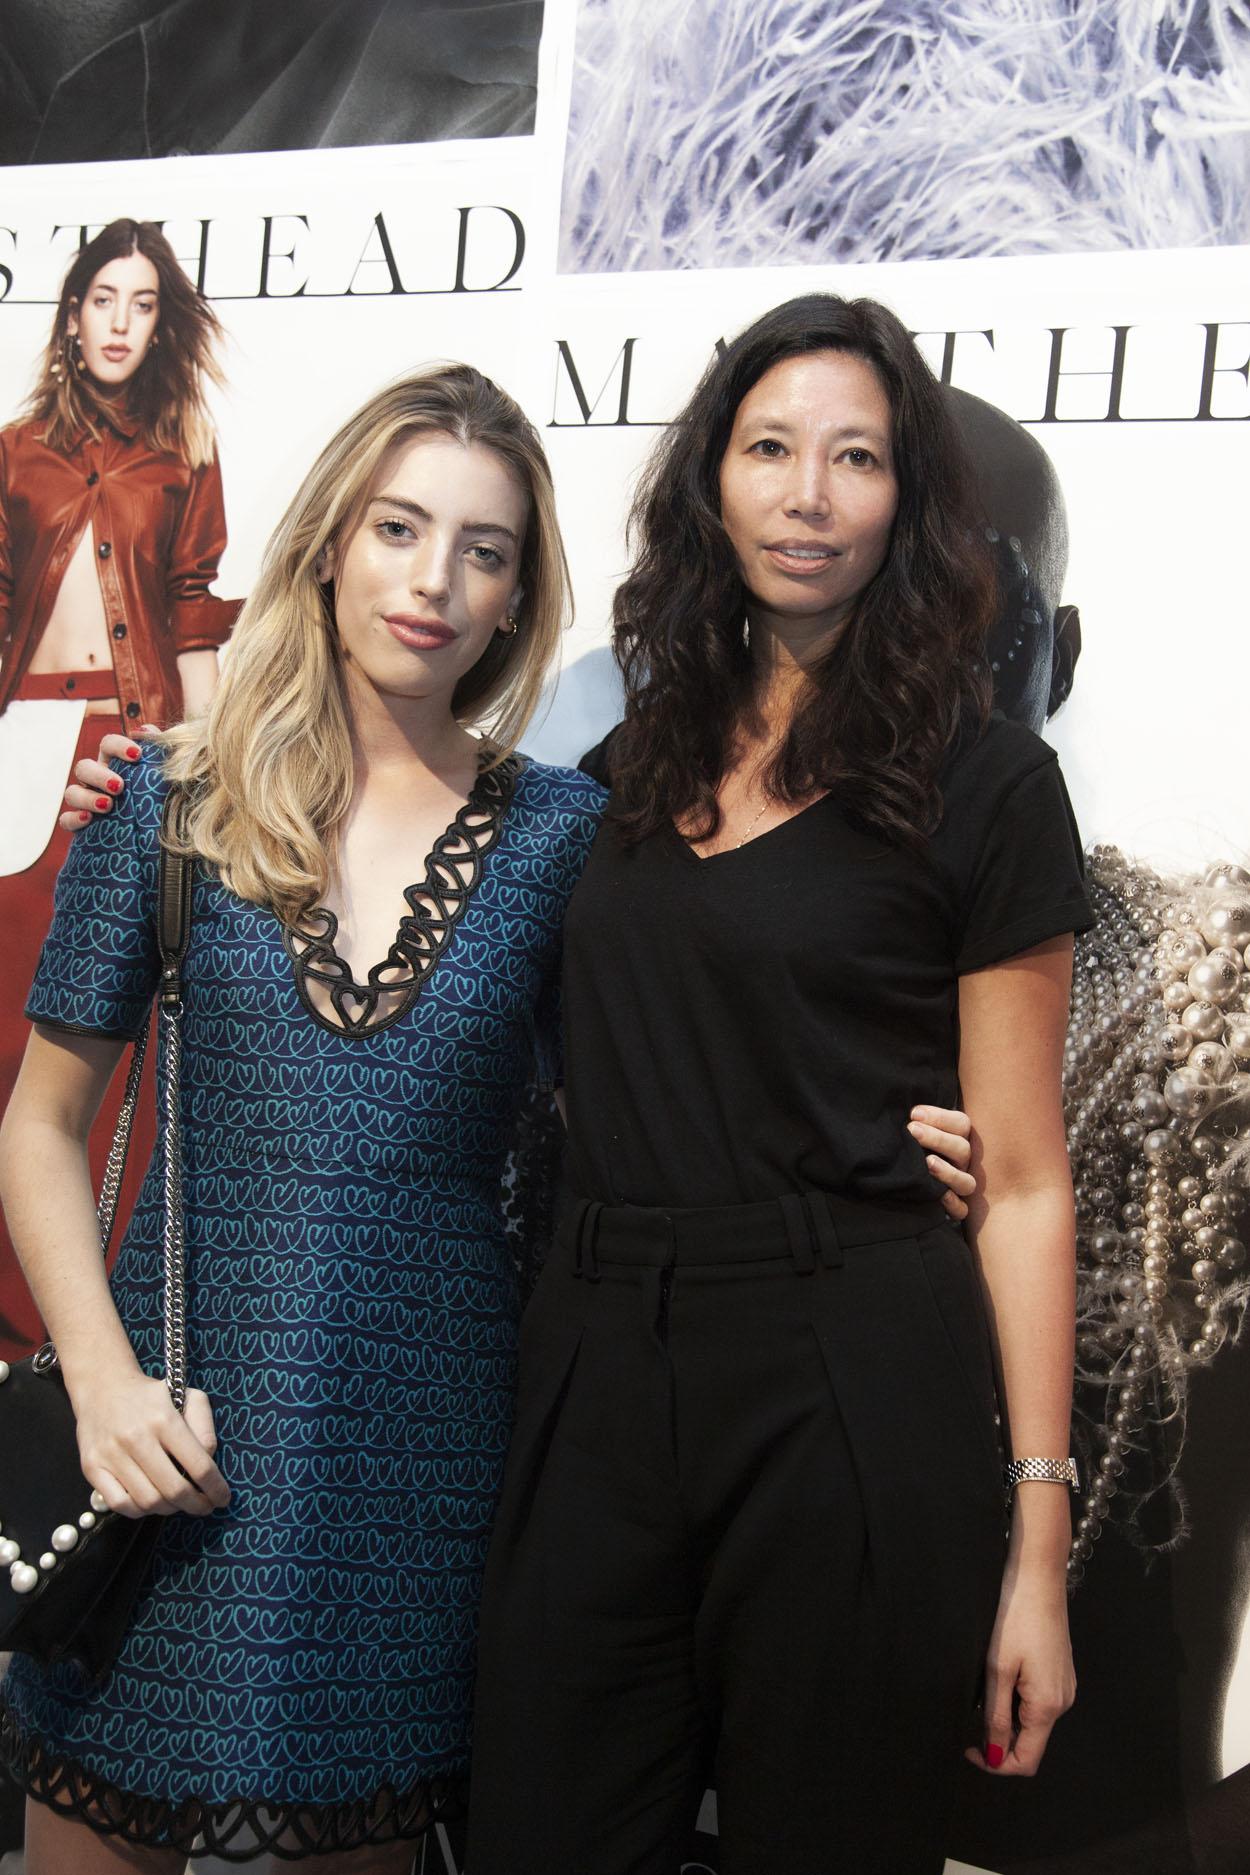 Clara McGregor with Melissa Jones